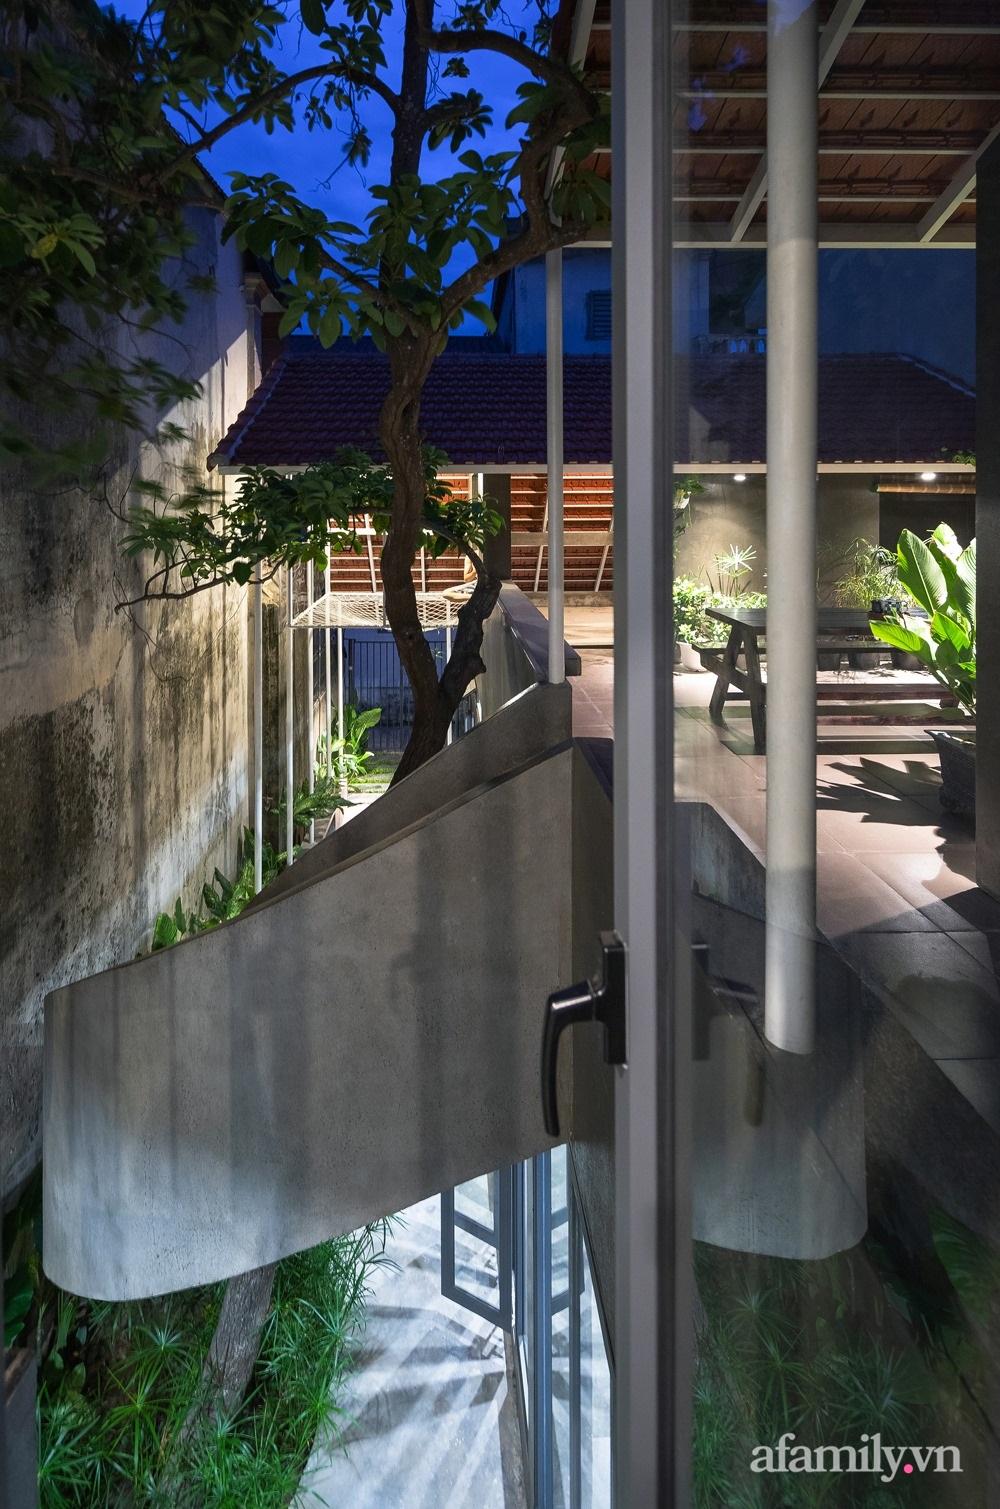 12109738338474802786185093585873821460721658o 16029026256091672890820 - Ngôi nhà màu xanh mát mắt không cần dùng đến điều hòa ở giữa thành phố của gió Lào và nắng cháy – Vinh, Nghệ An